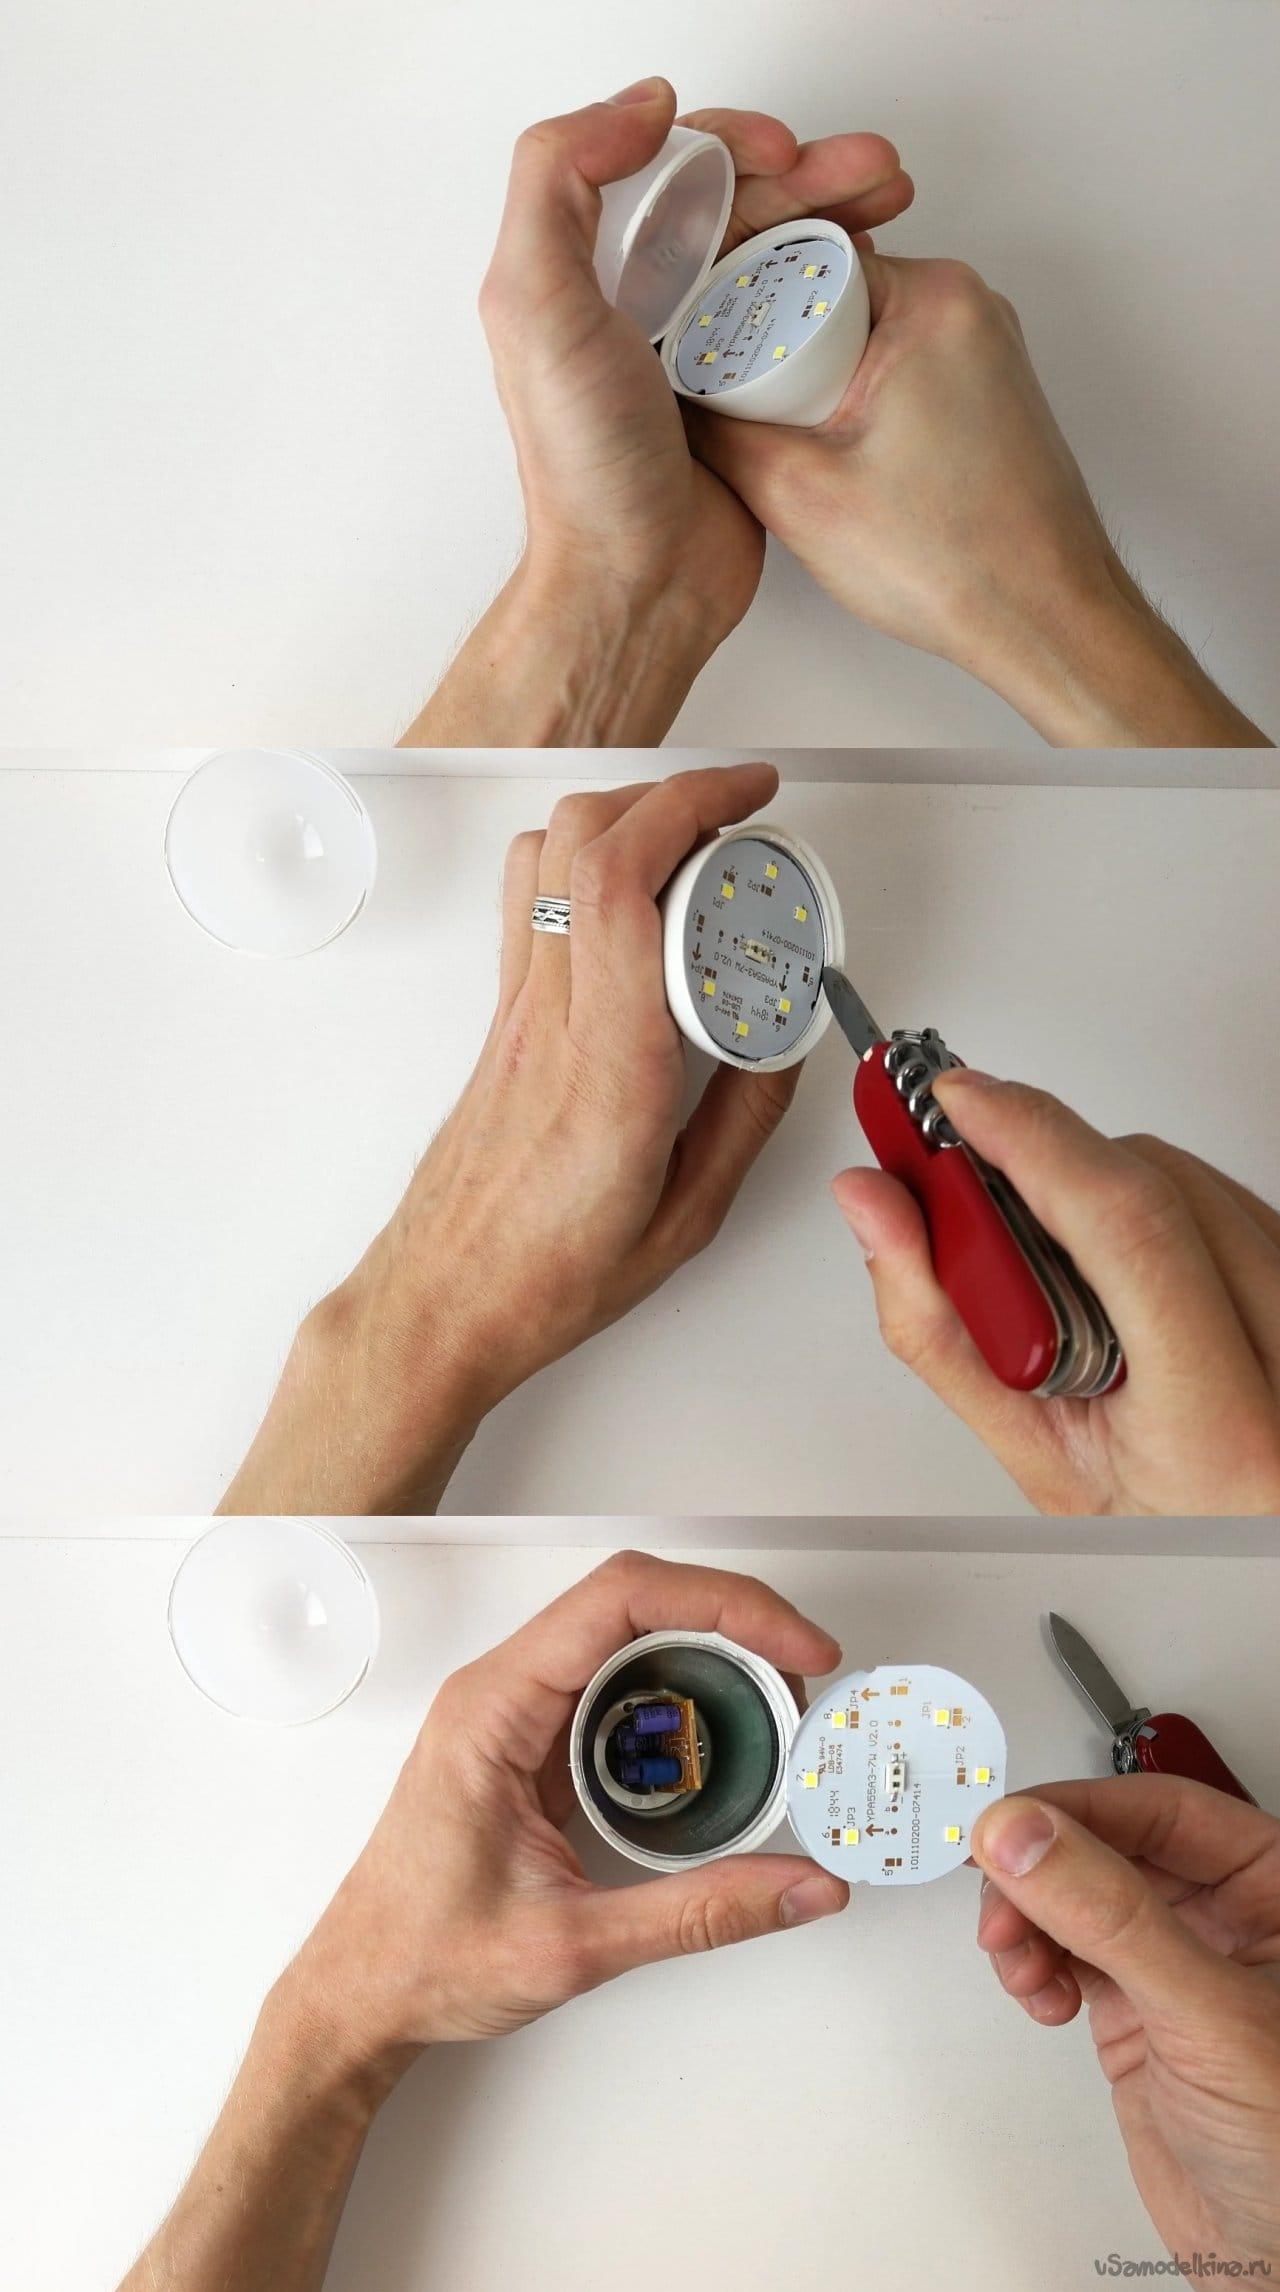 Переходник лампочка-розетка с удлинителем